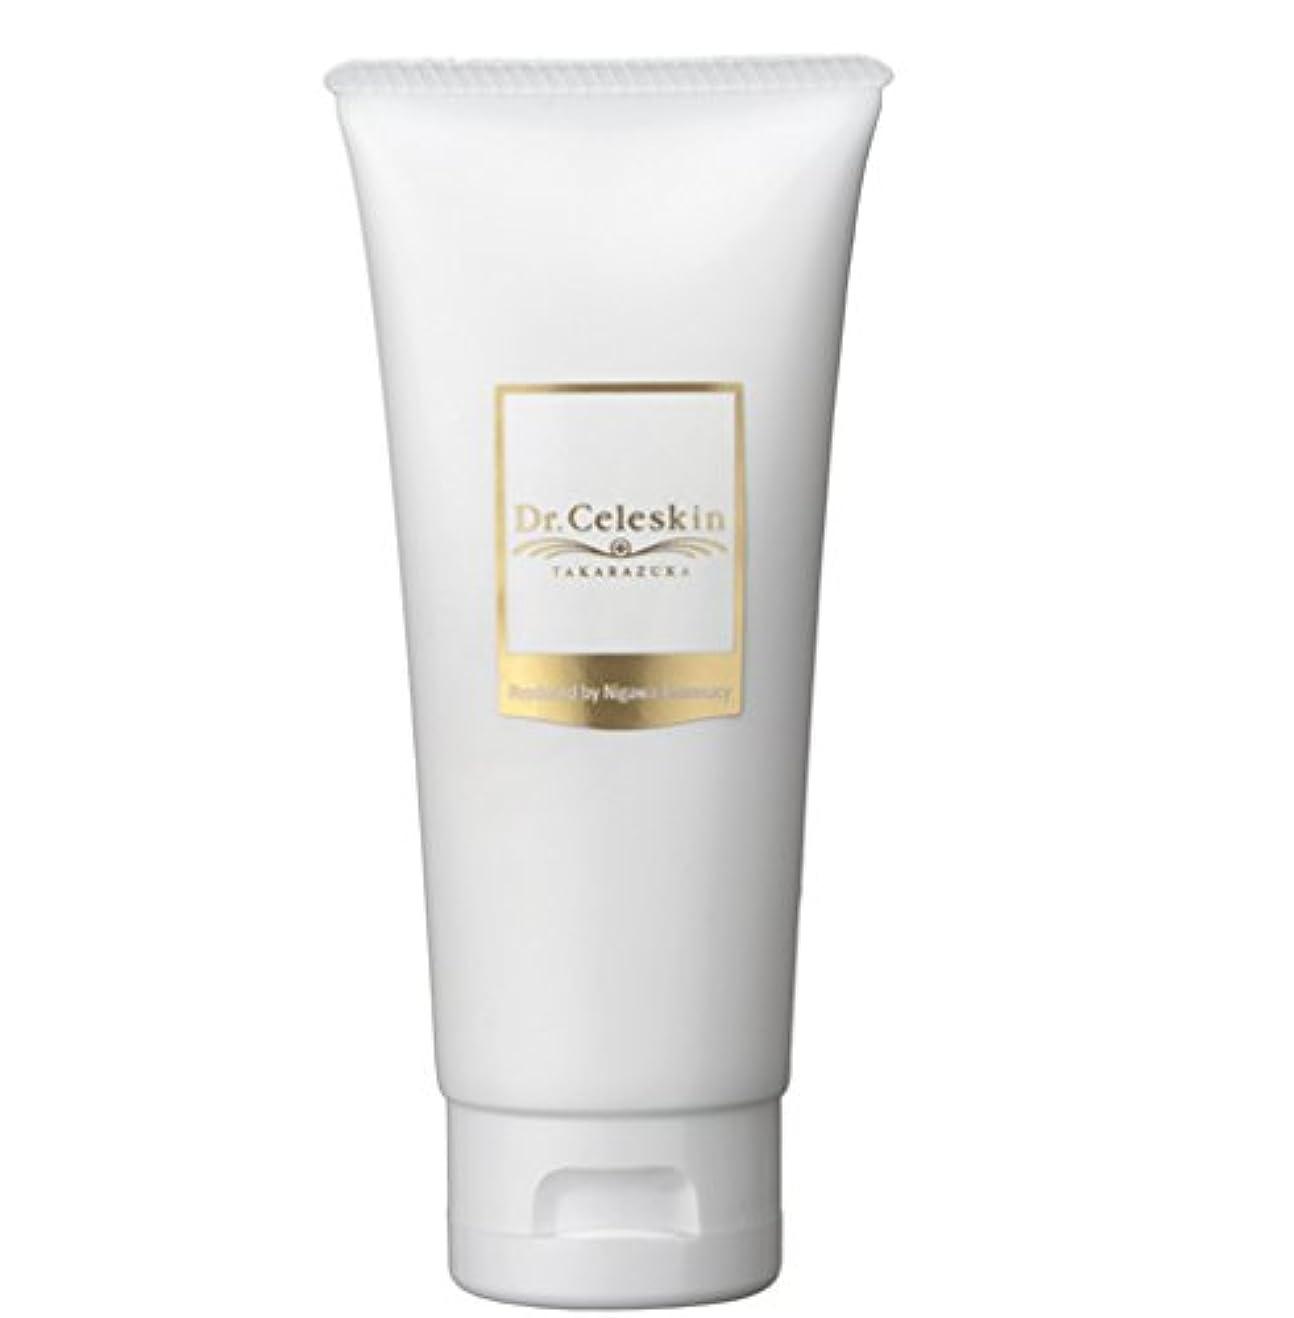 ハンディアシスト吸収する洗顔フォームS(ビタミンC誘導体VCIP(抗酸化剤)配合) 100g (1本)